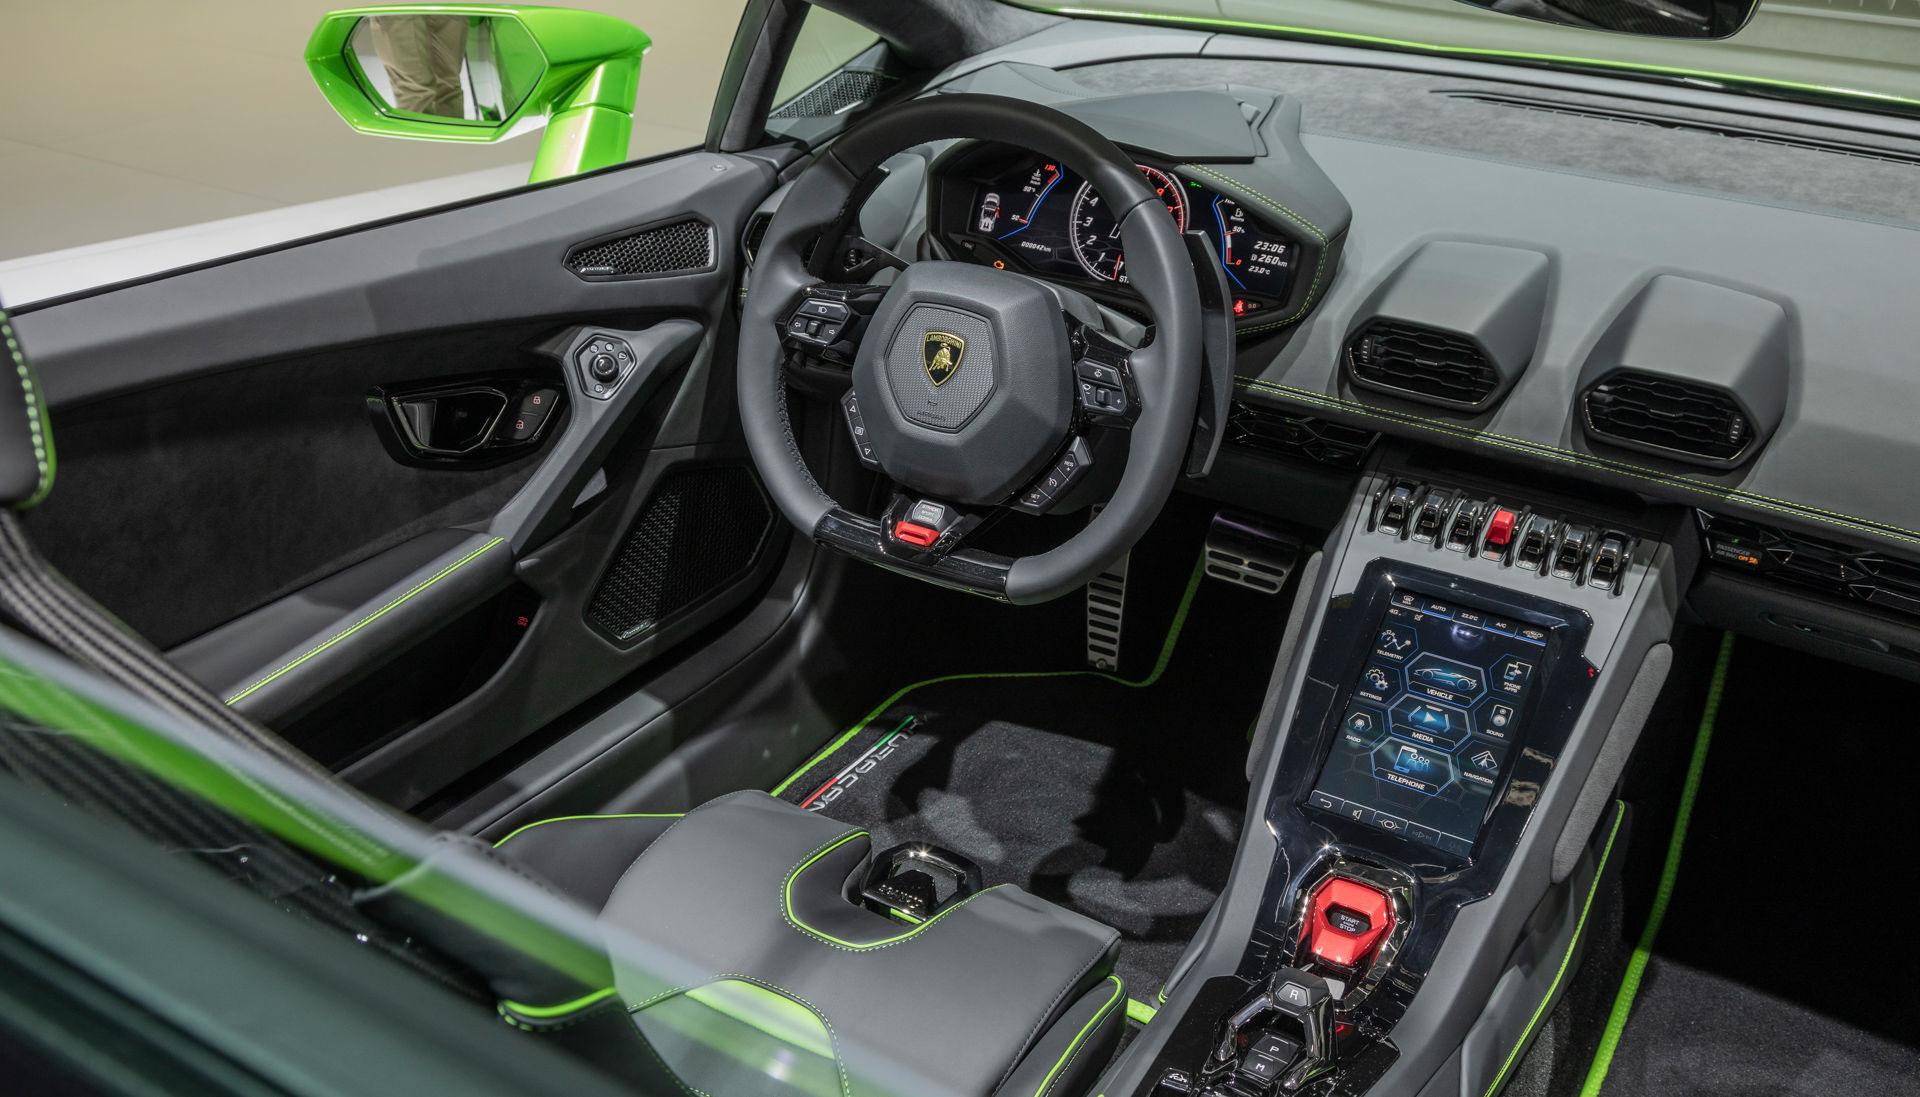 La nuova Lamborghini Huracán EVO Spyder è essenzialmente una supercar con un supercomputer 1